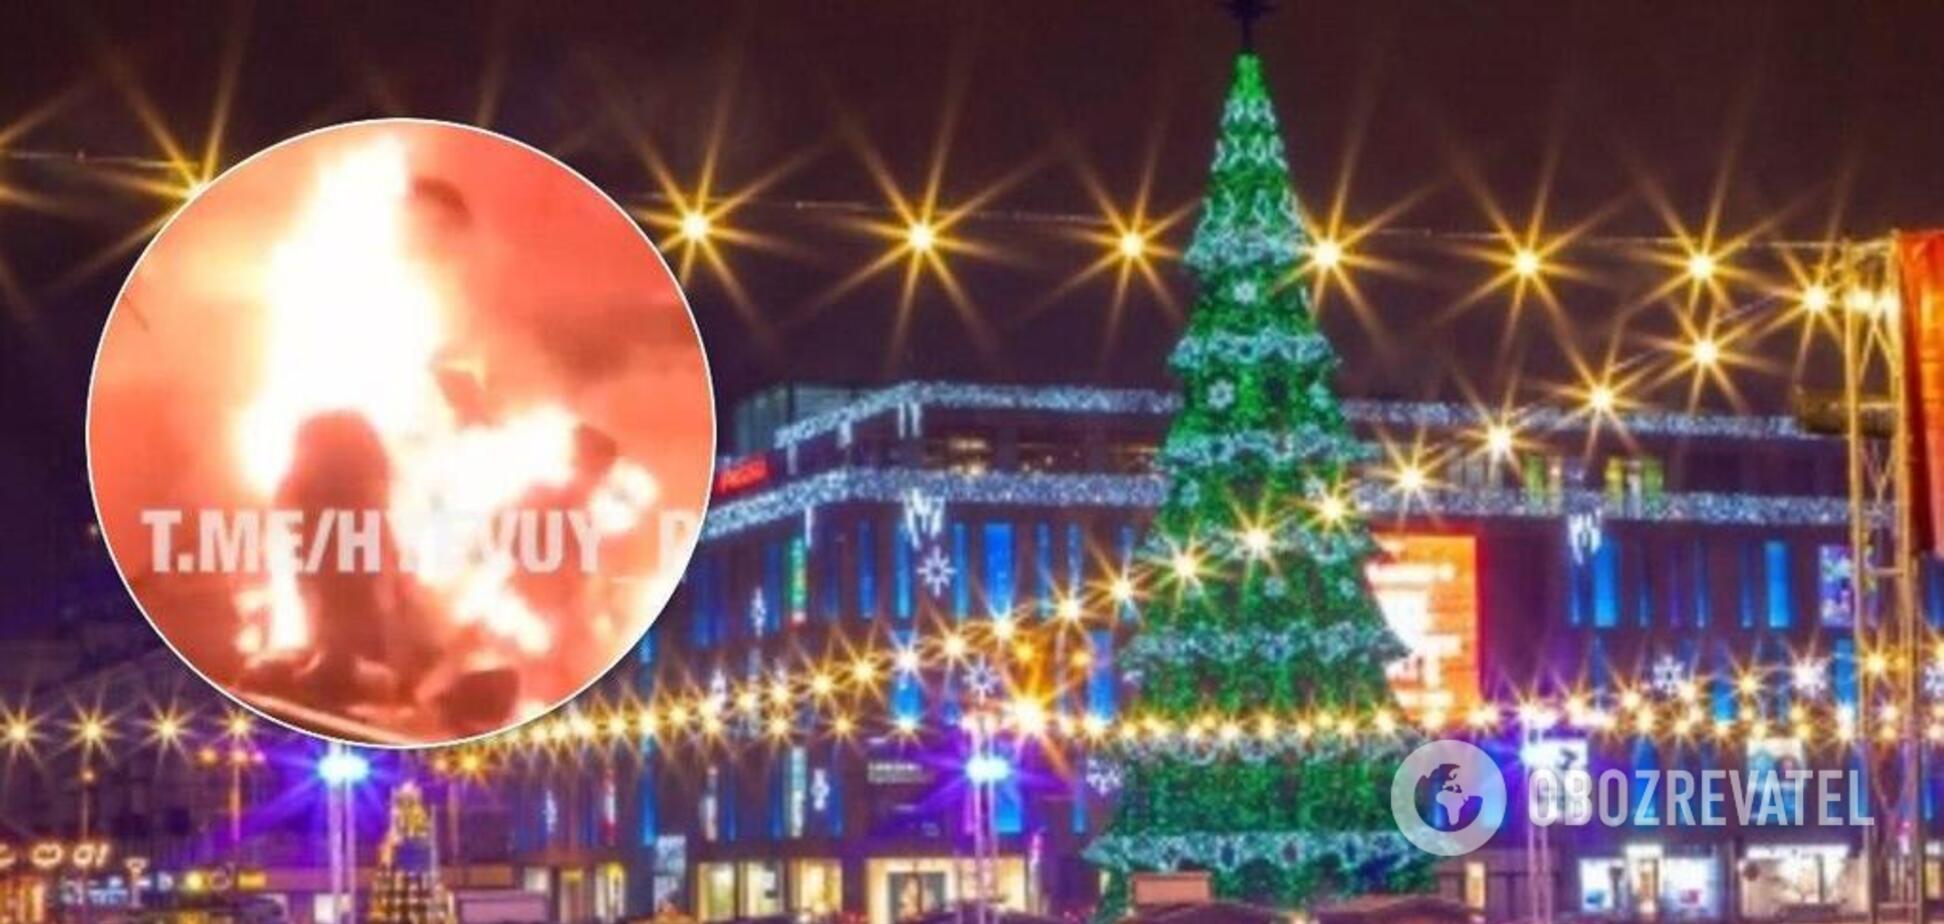 Загорелся на площади: в центре Днепра загадочно погиб мужчина. Видео 18+